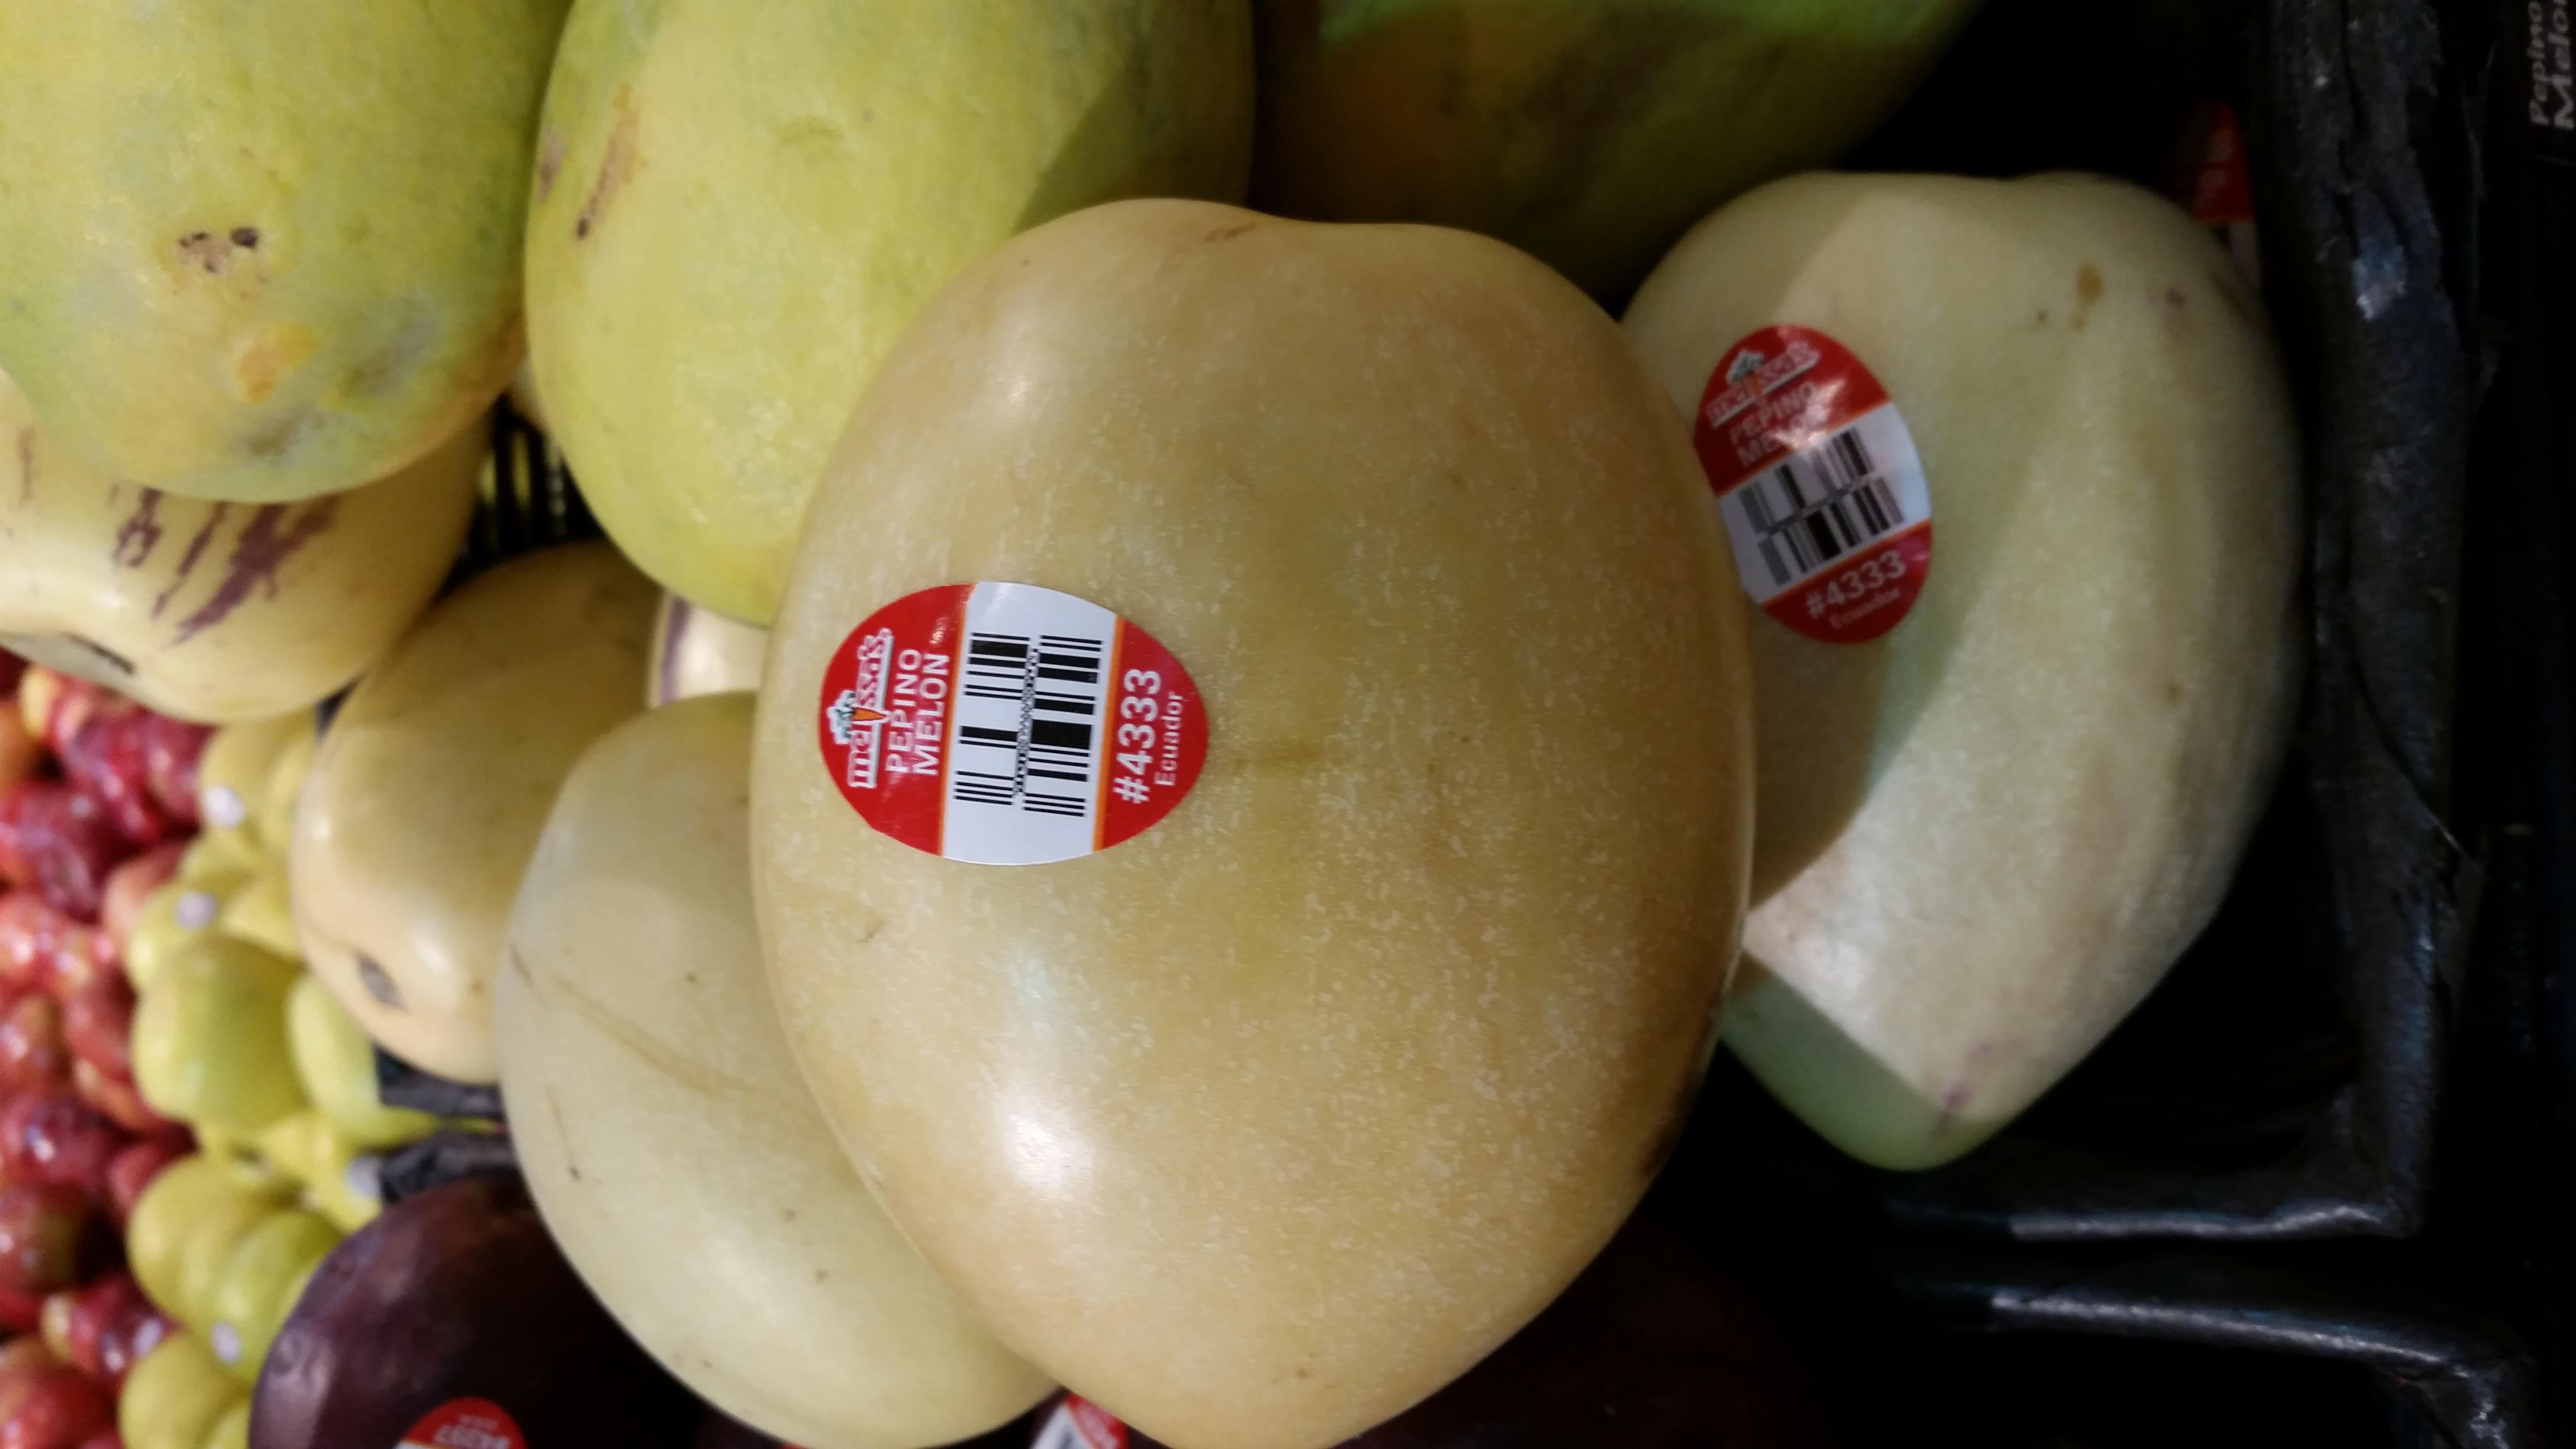 A Pepino Melon.